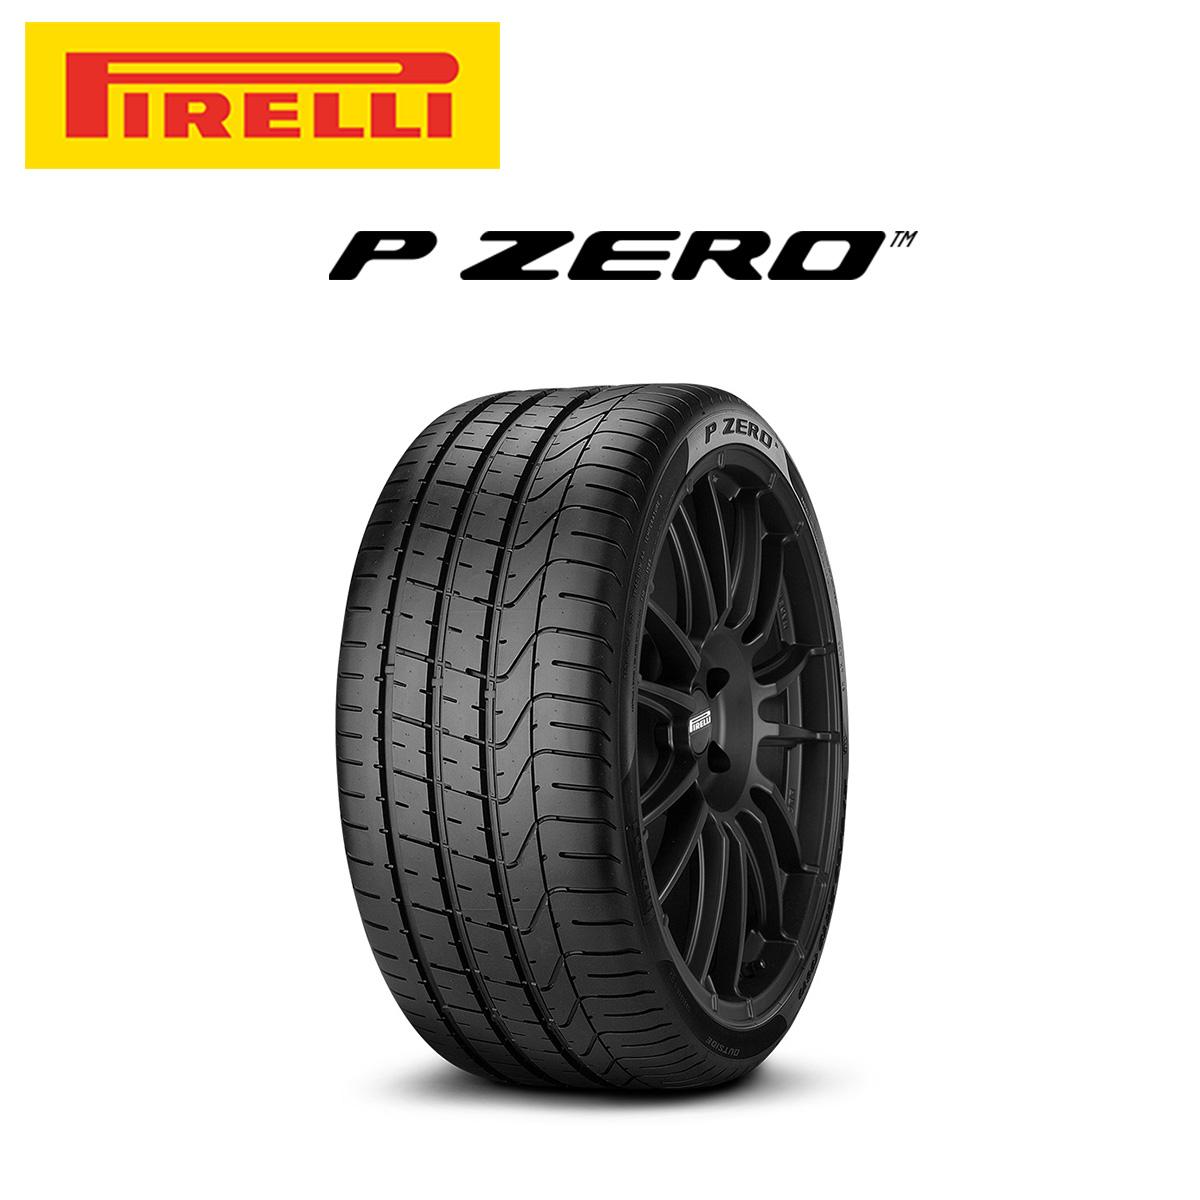 ピレリ PIRELLI P ZERO ピーゼロ 19インチ サマー タイヤ 1本 255/55R19 111W XL J:ジャガー LR:ランドローバー承認タイヤ 2528800